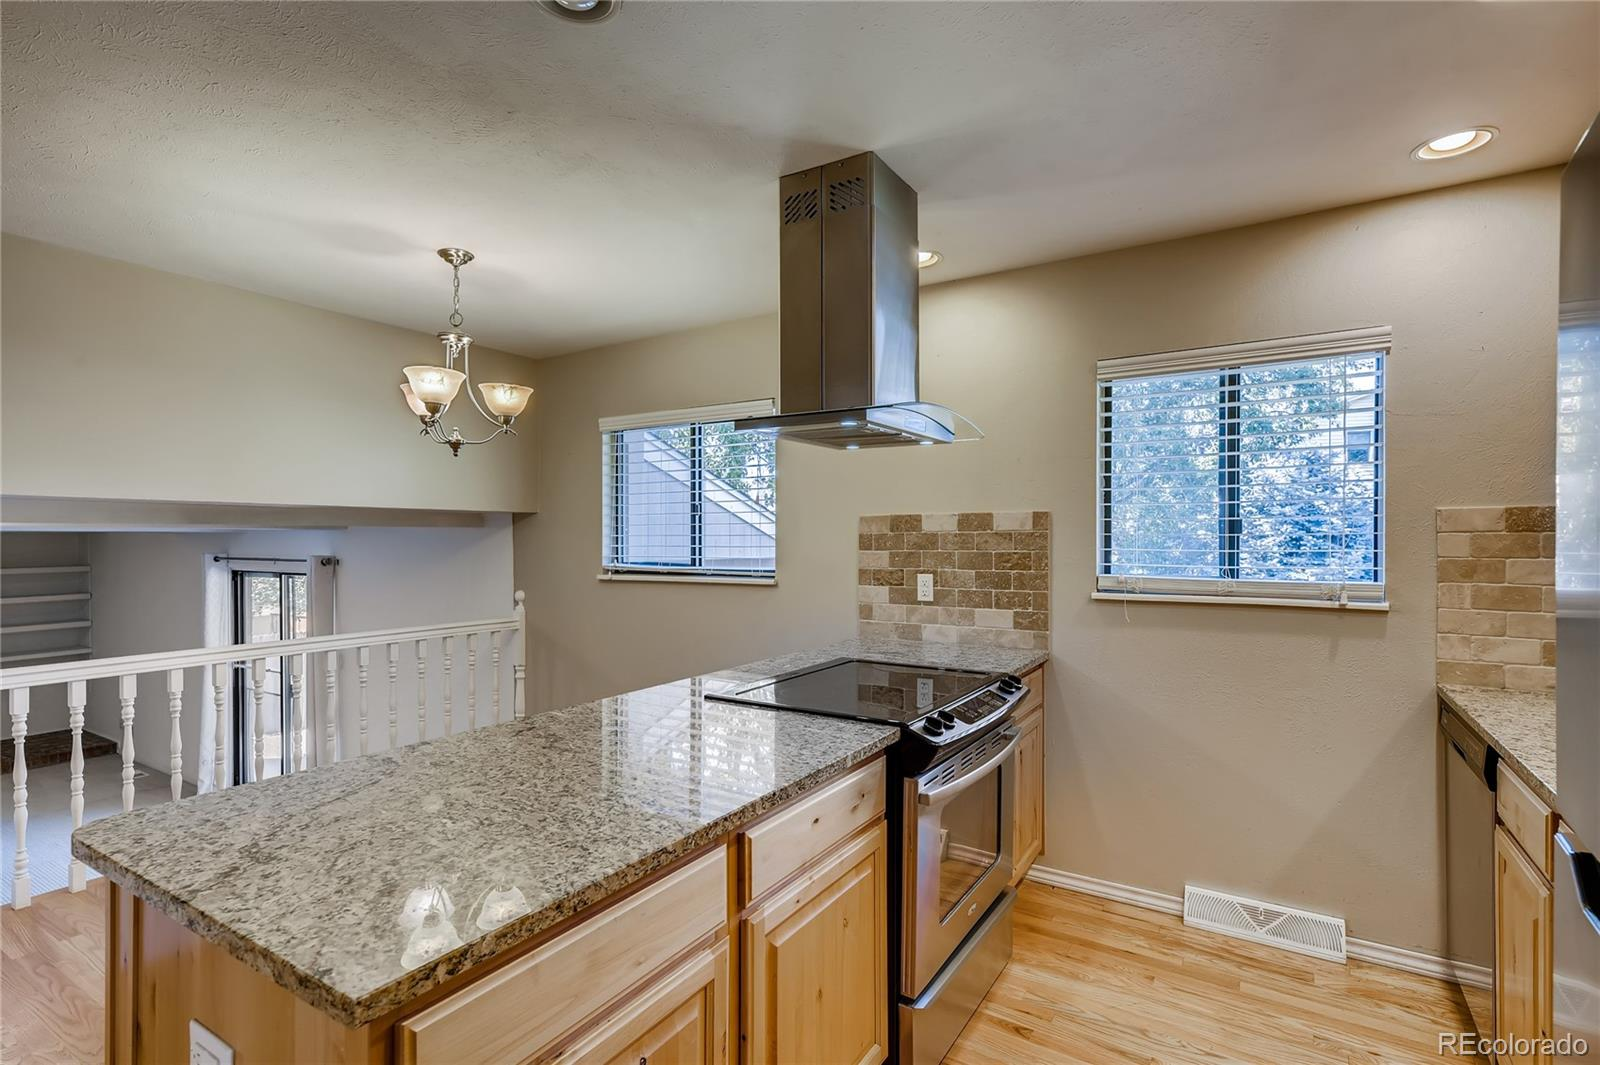 MLS# 6454303 - 7 - 13566 W Auburn Avenue, Lakewood, CO 80228